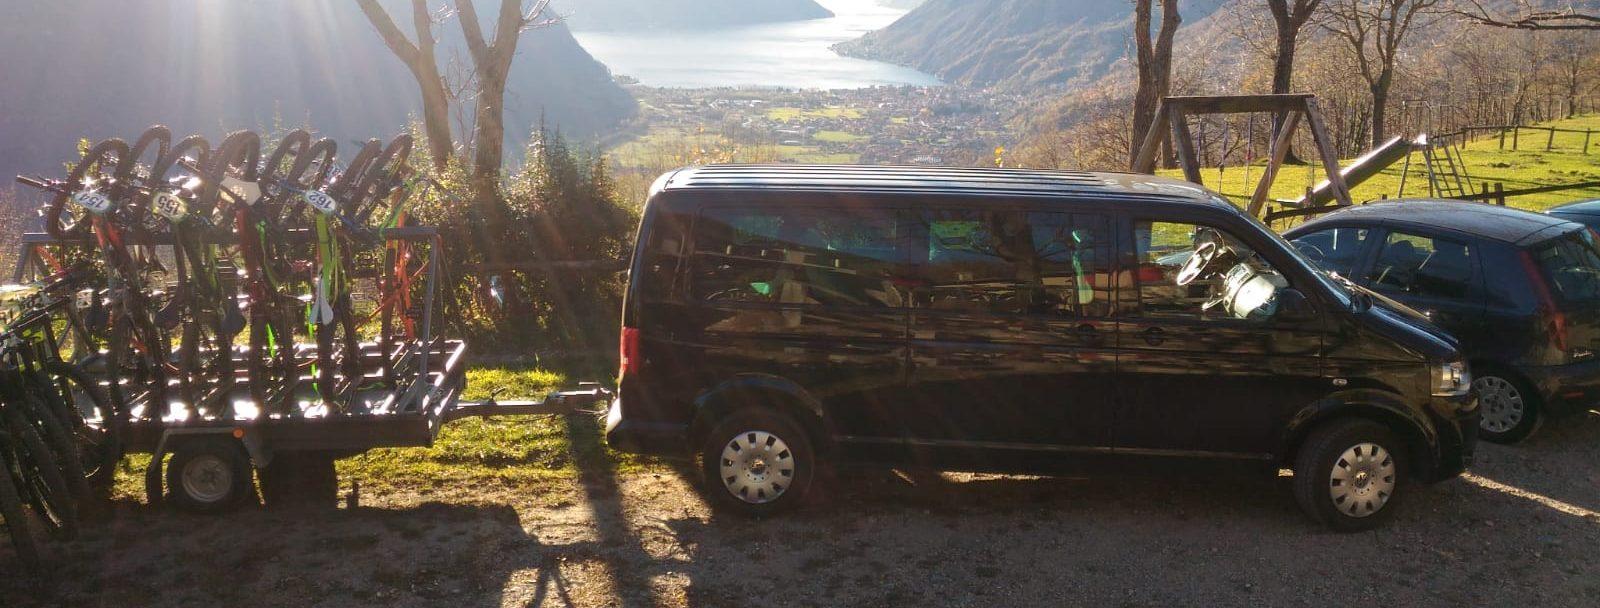 Autoservizi Leoni – Taxi – Minivan – bike transport